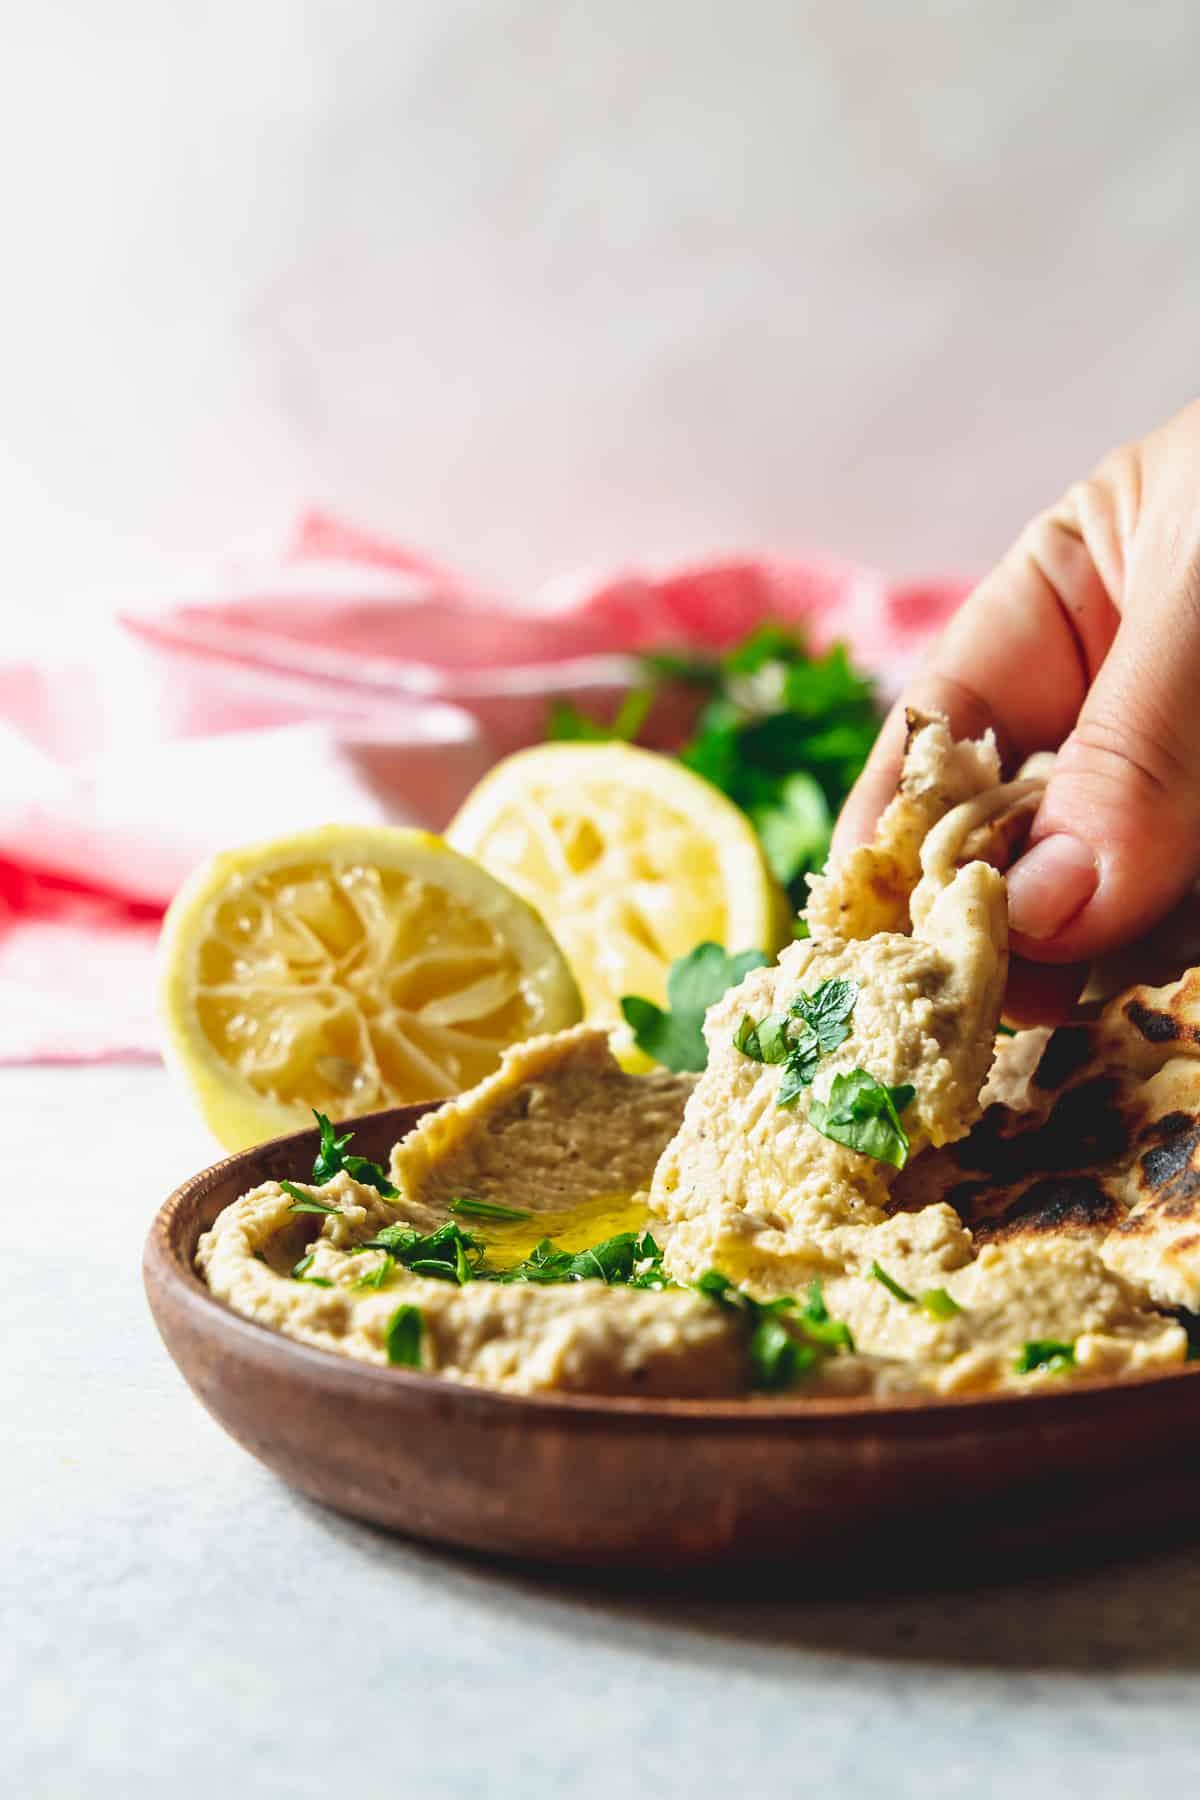 easy lemon hummus on a wood plate with flatbread